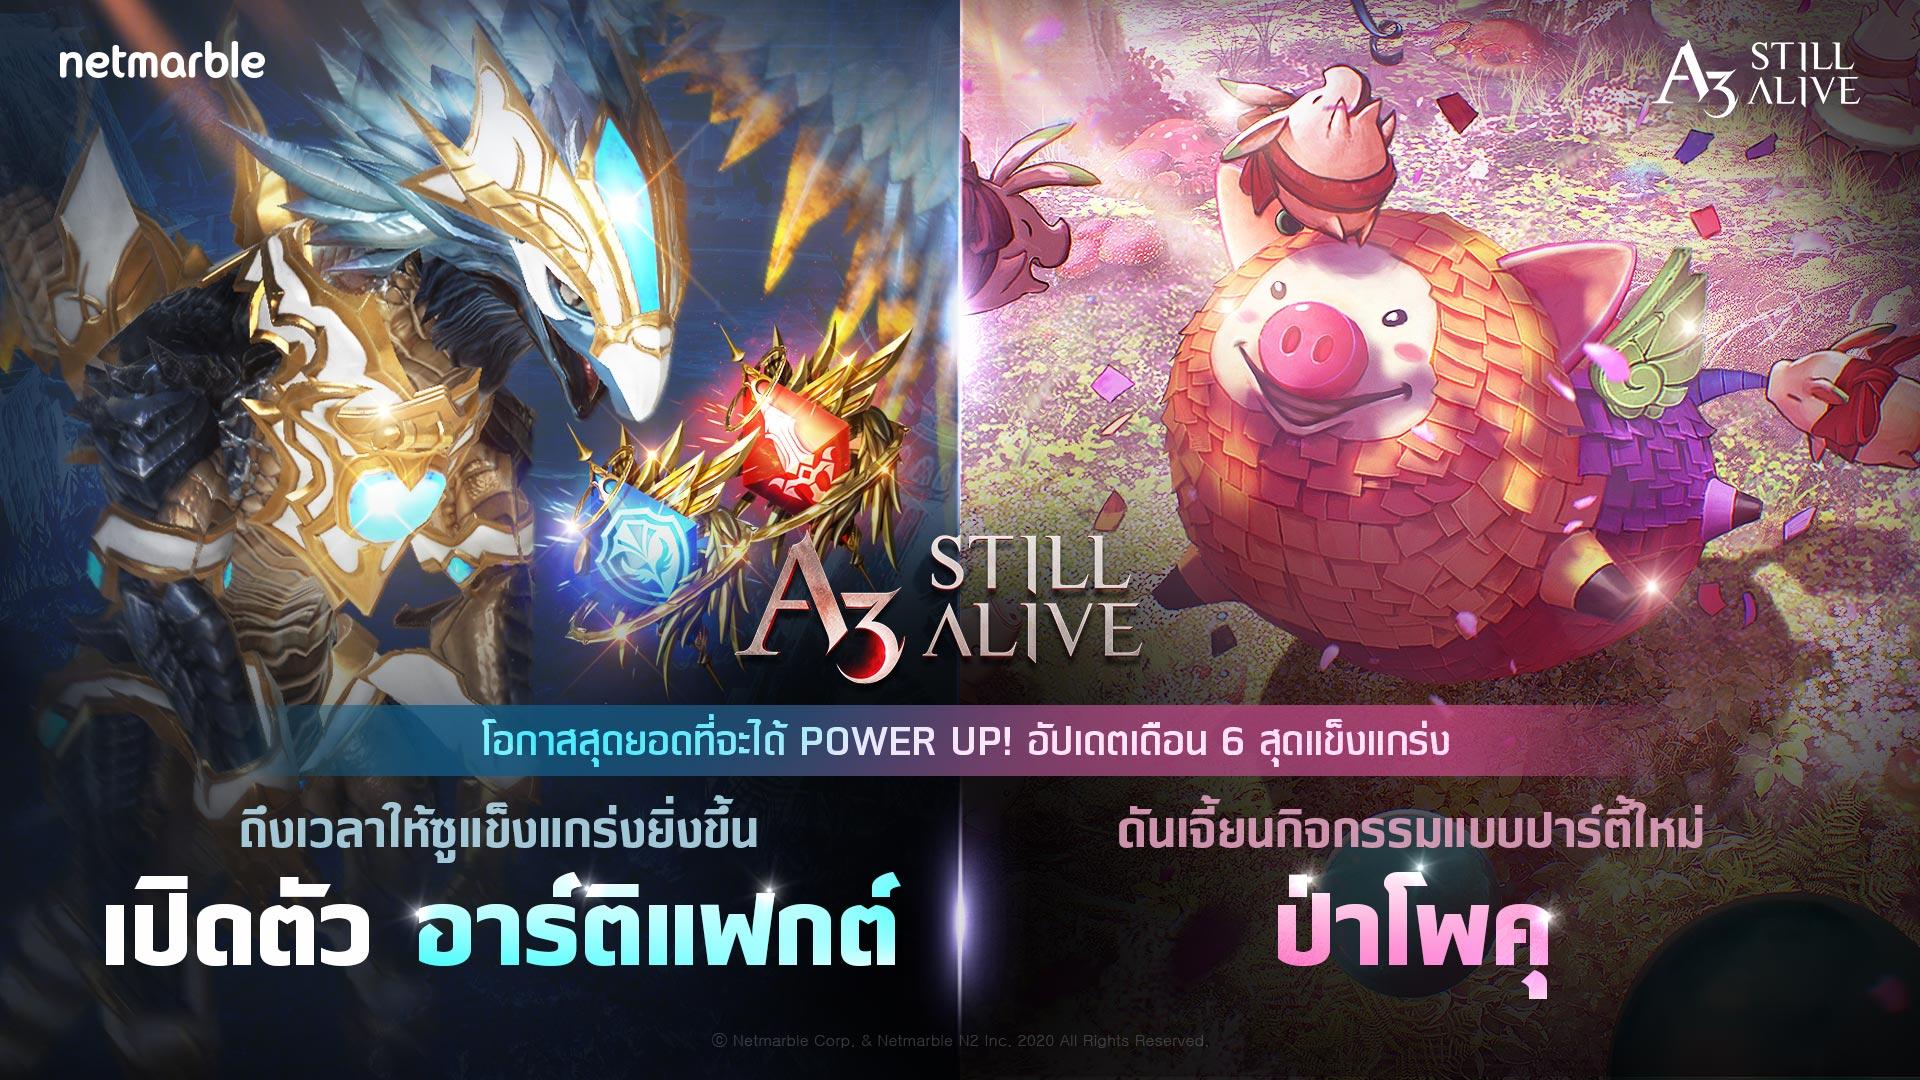 A3 STILL ALIVE 1862021 2